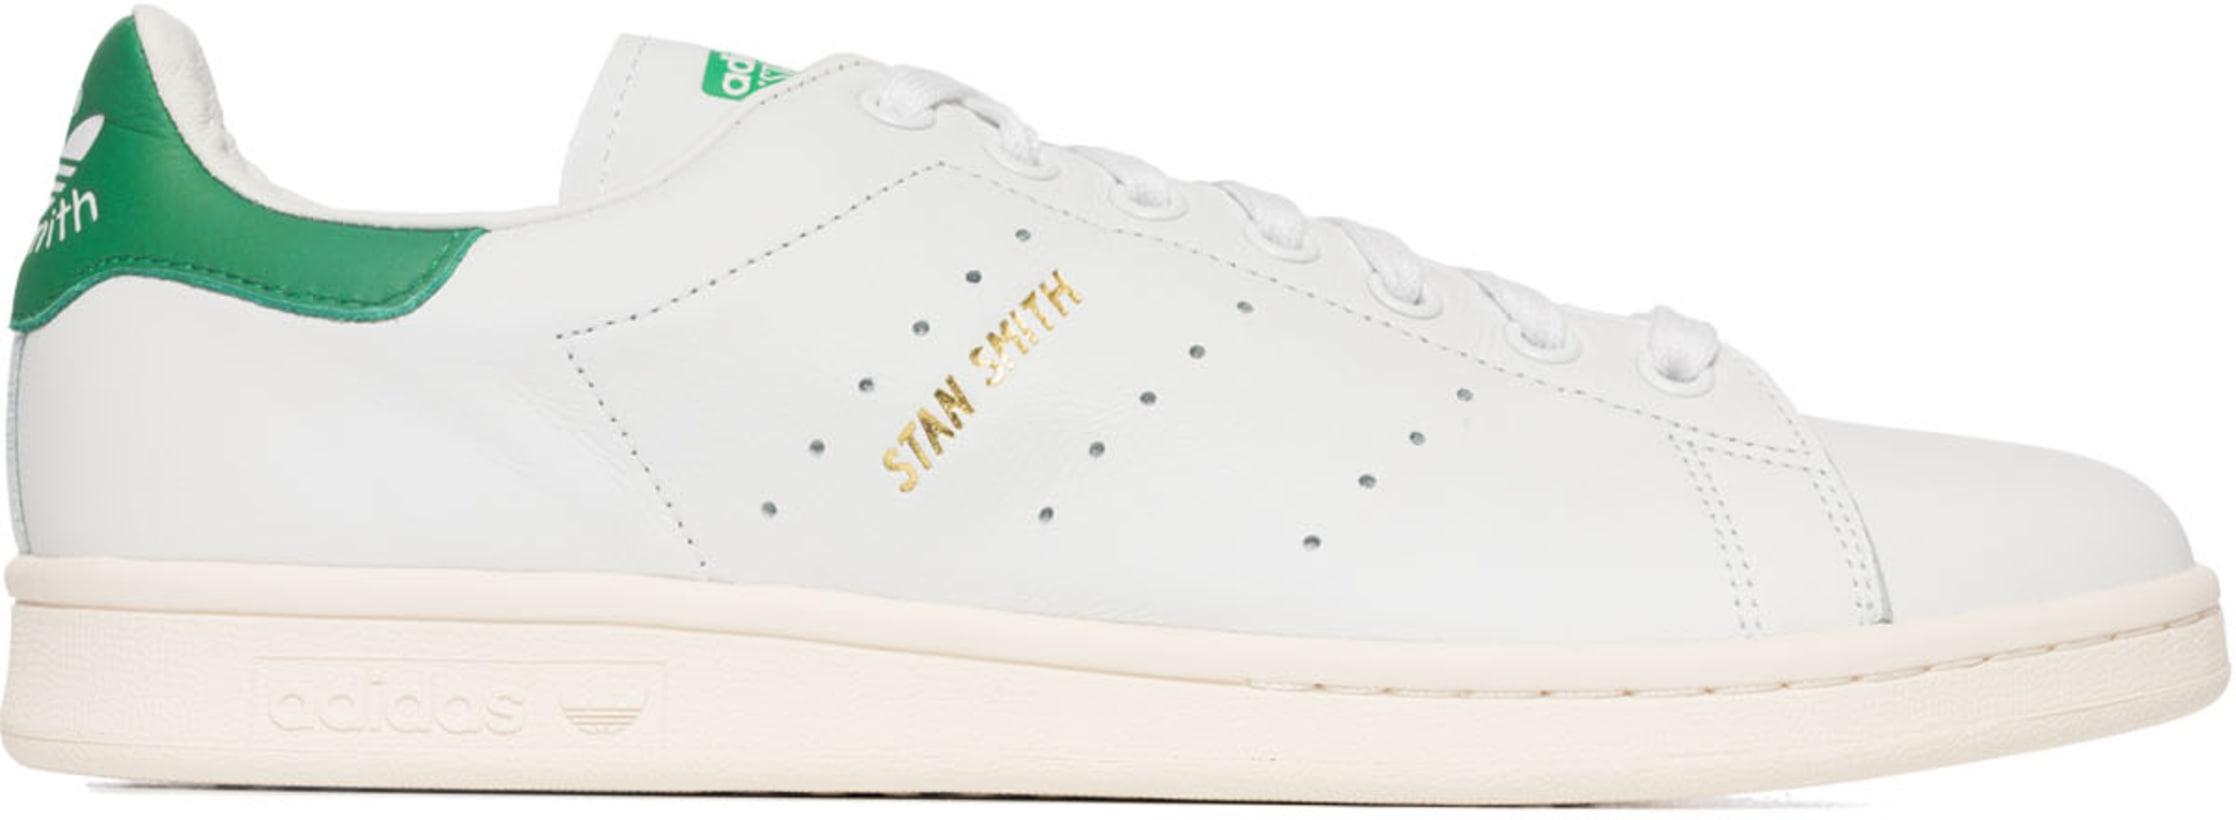 b12a5974dbb adidas Originals: Stan Smith - Cloud White/Cloud White/Green ...